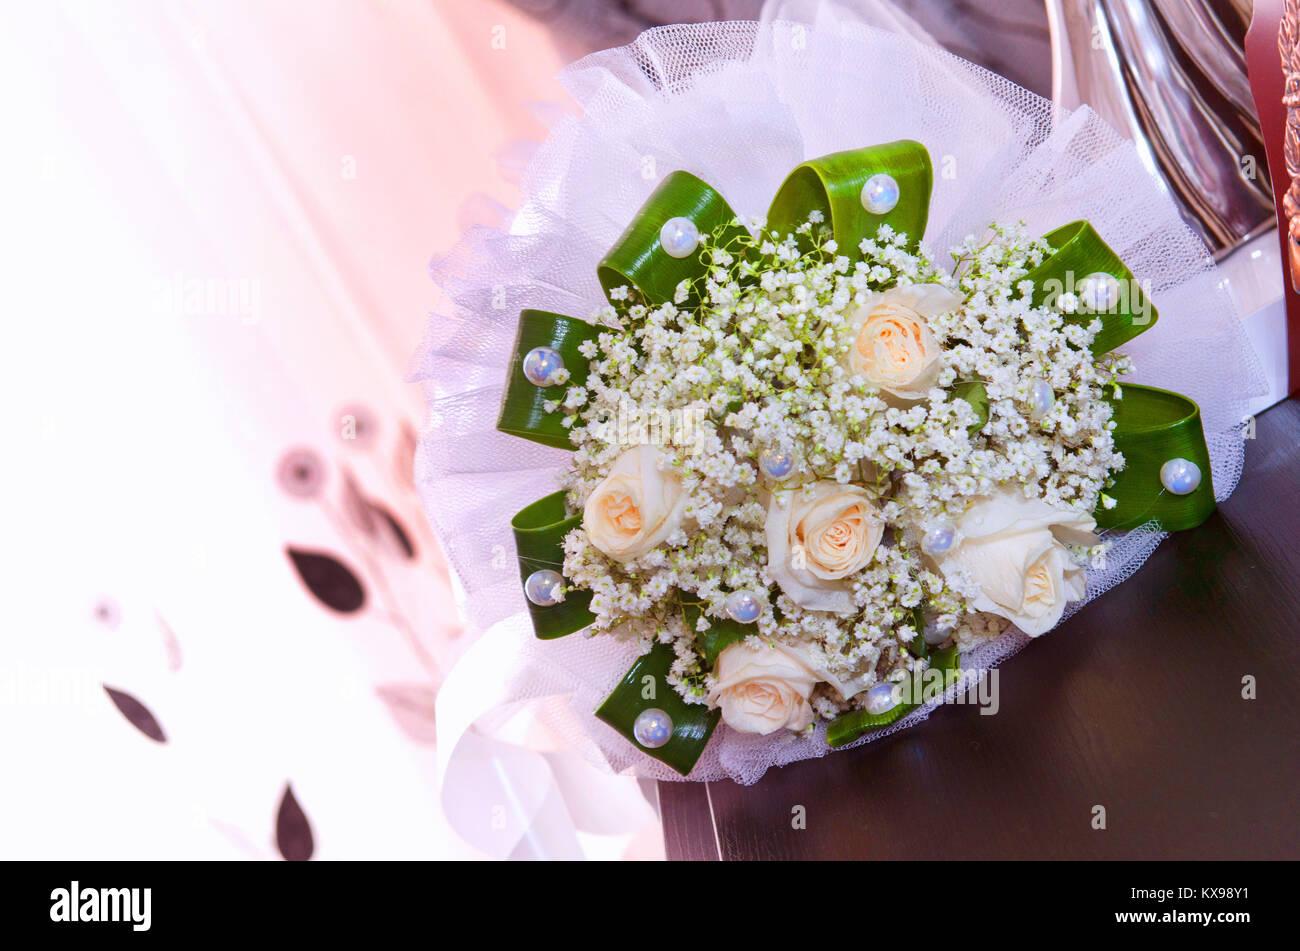 White Wedding Und Engagement Flower Bouquet Schonen Brautstrauss Mit